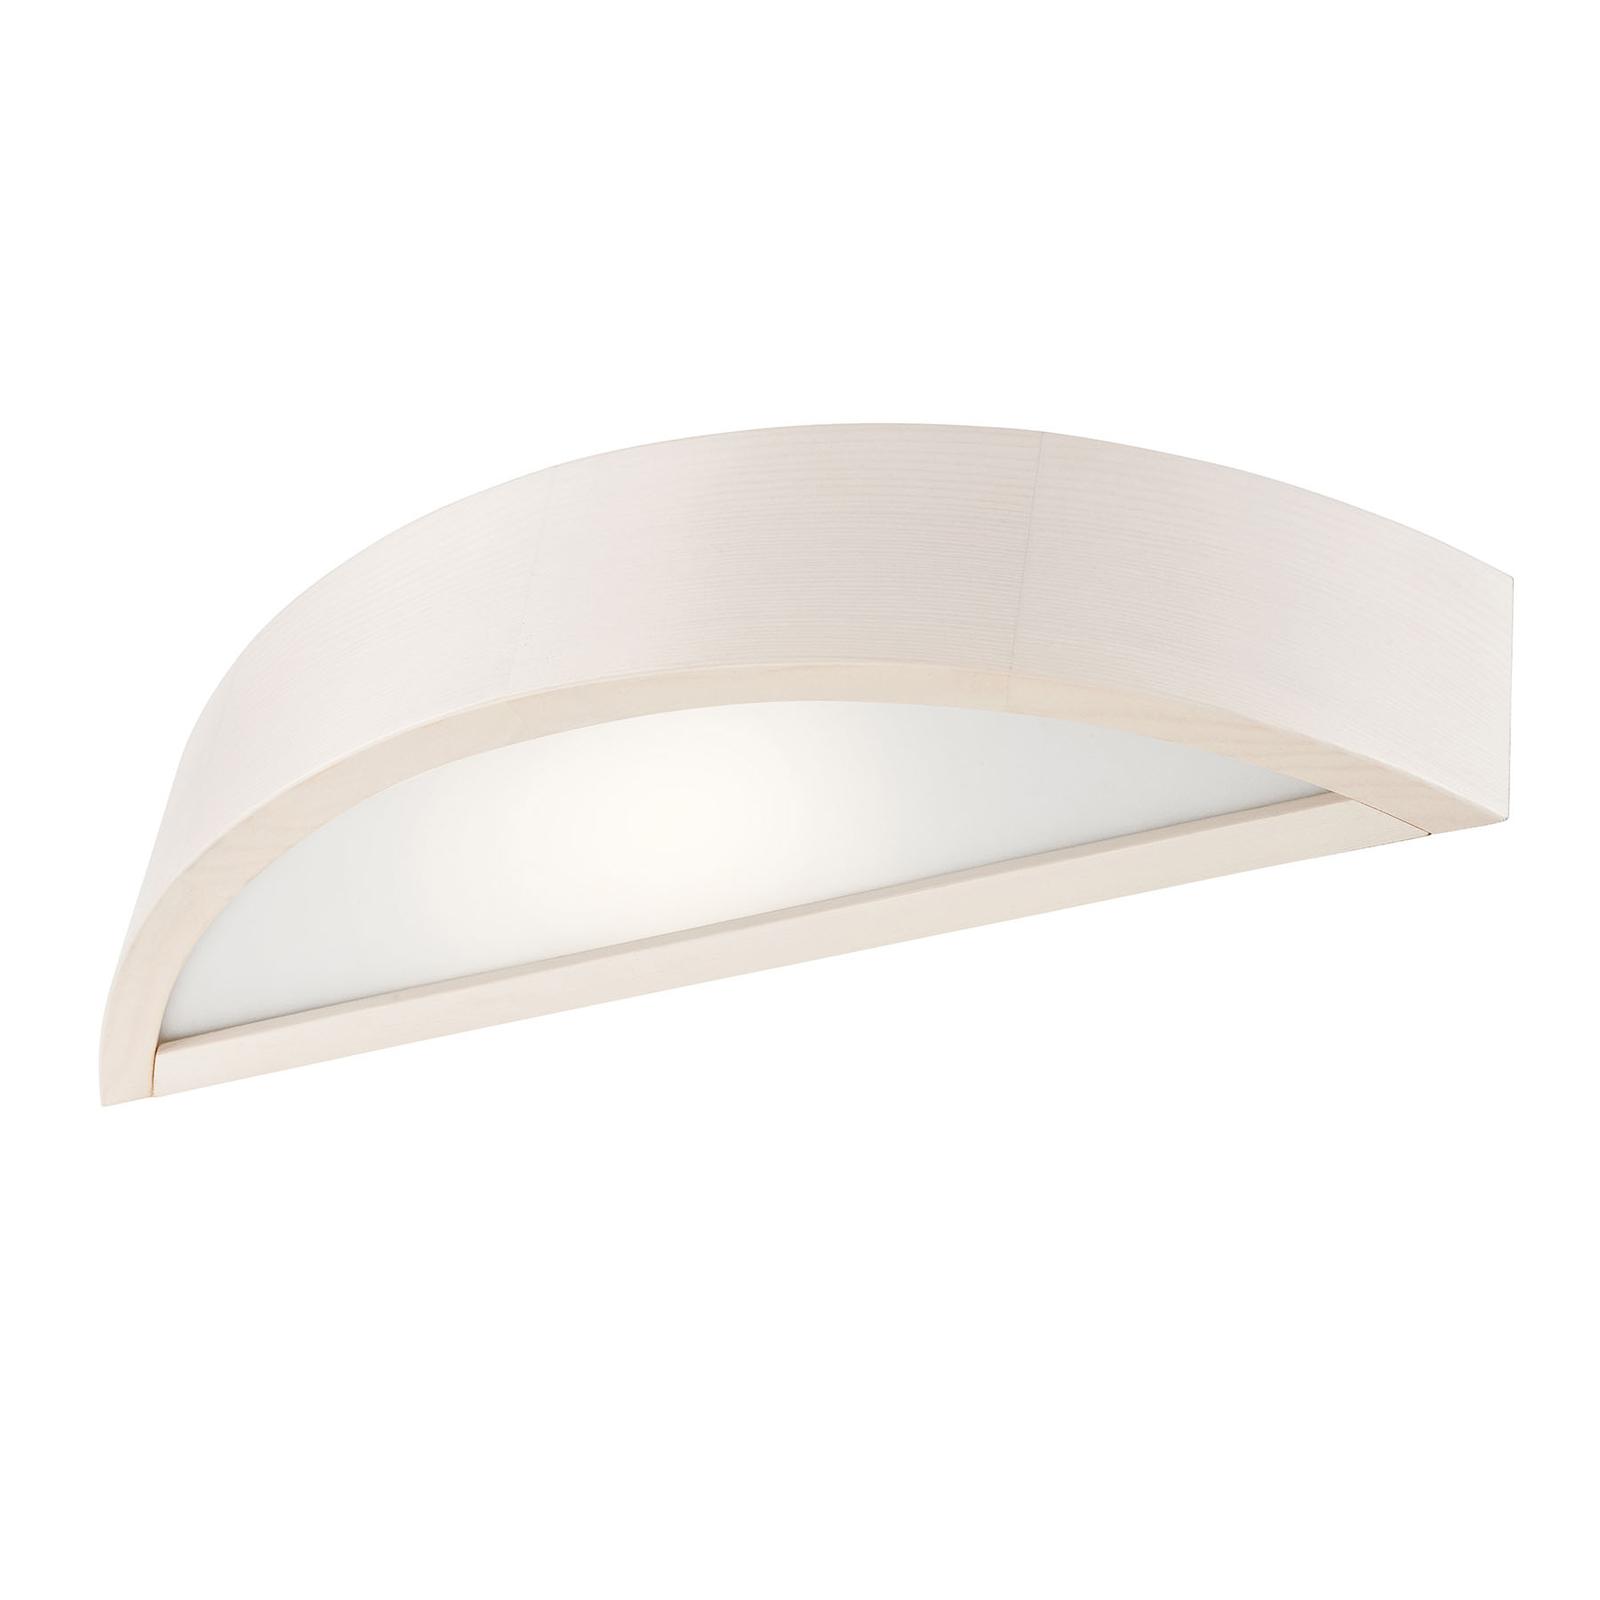 Wandlampe Kerio, halbrund, weiß